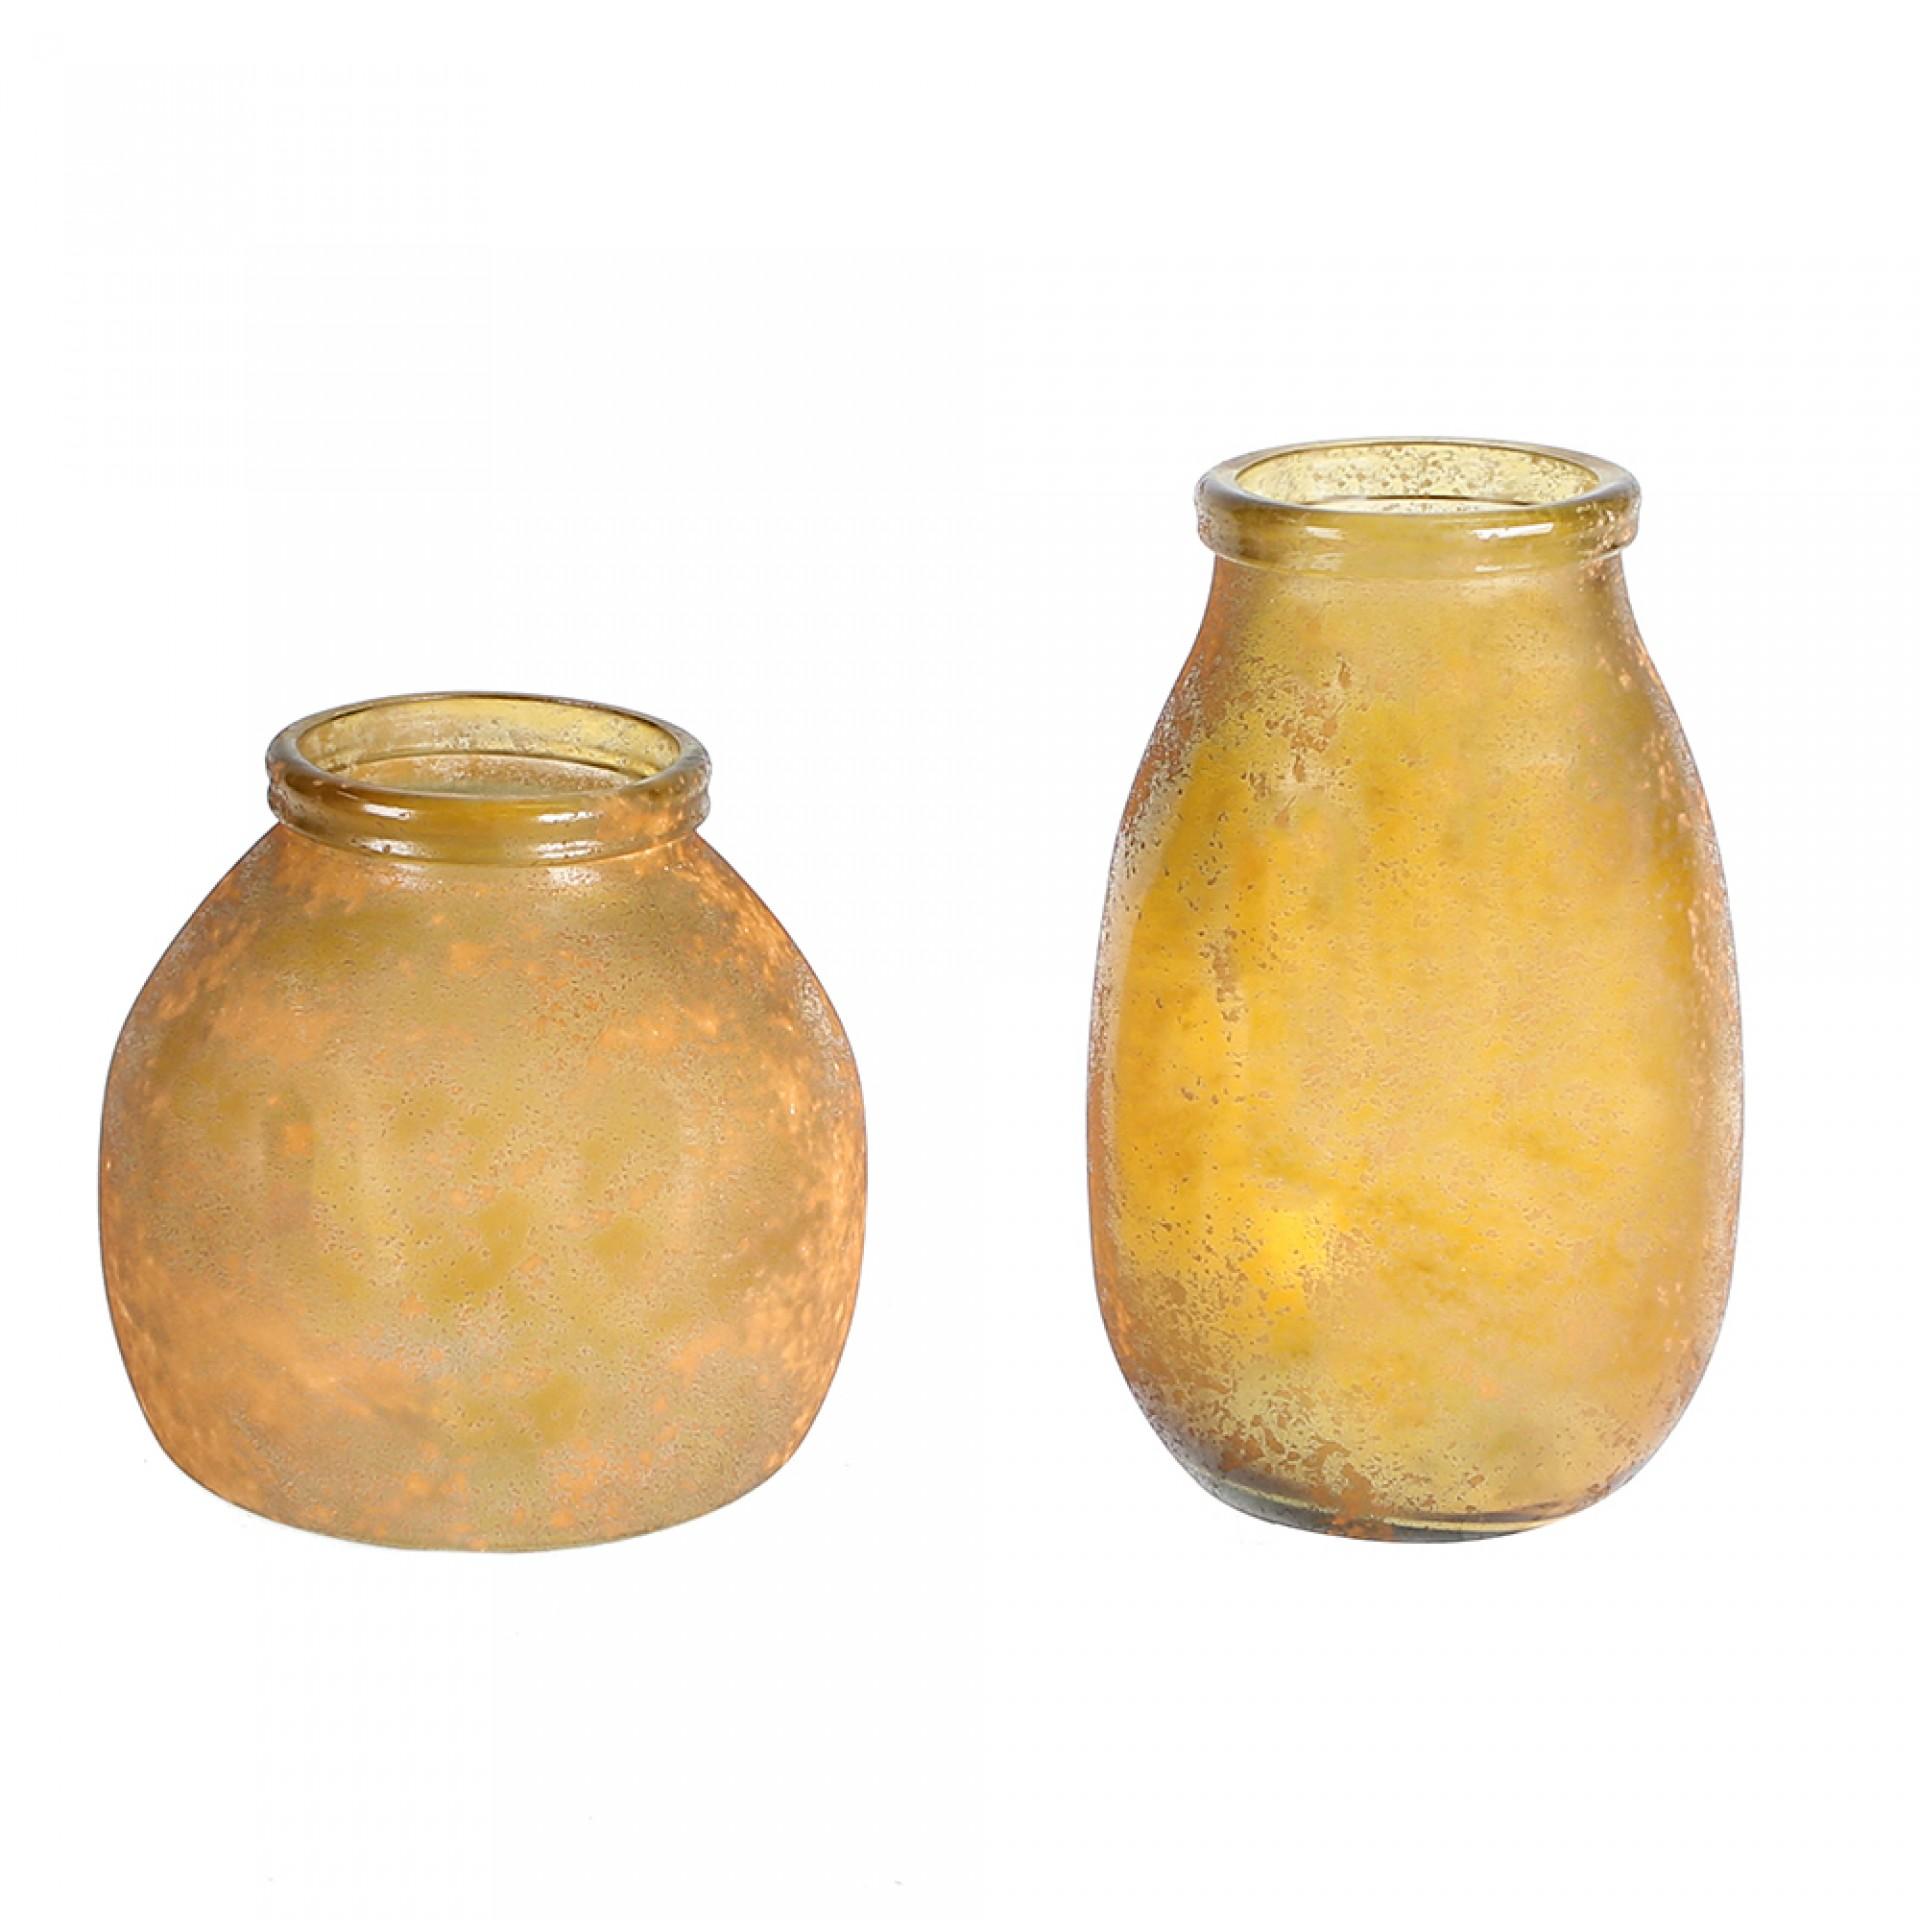 Váza z recyklovaného skla Schiras, 27 cm, curry